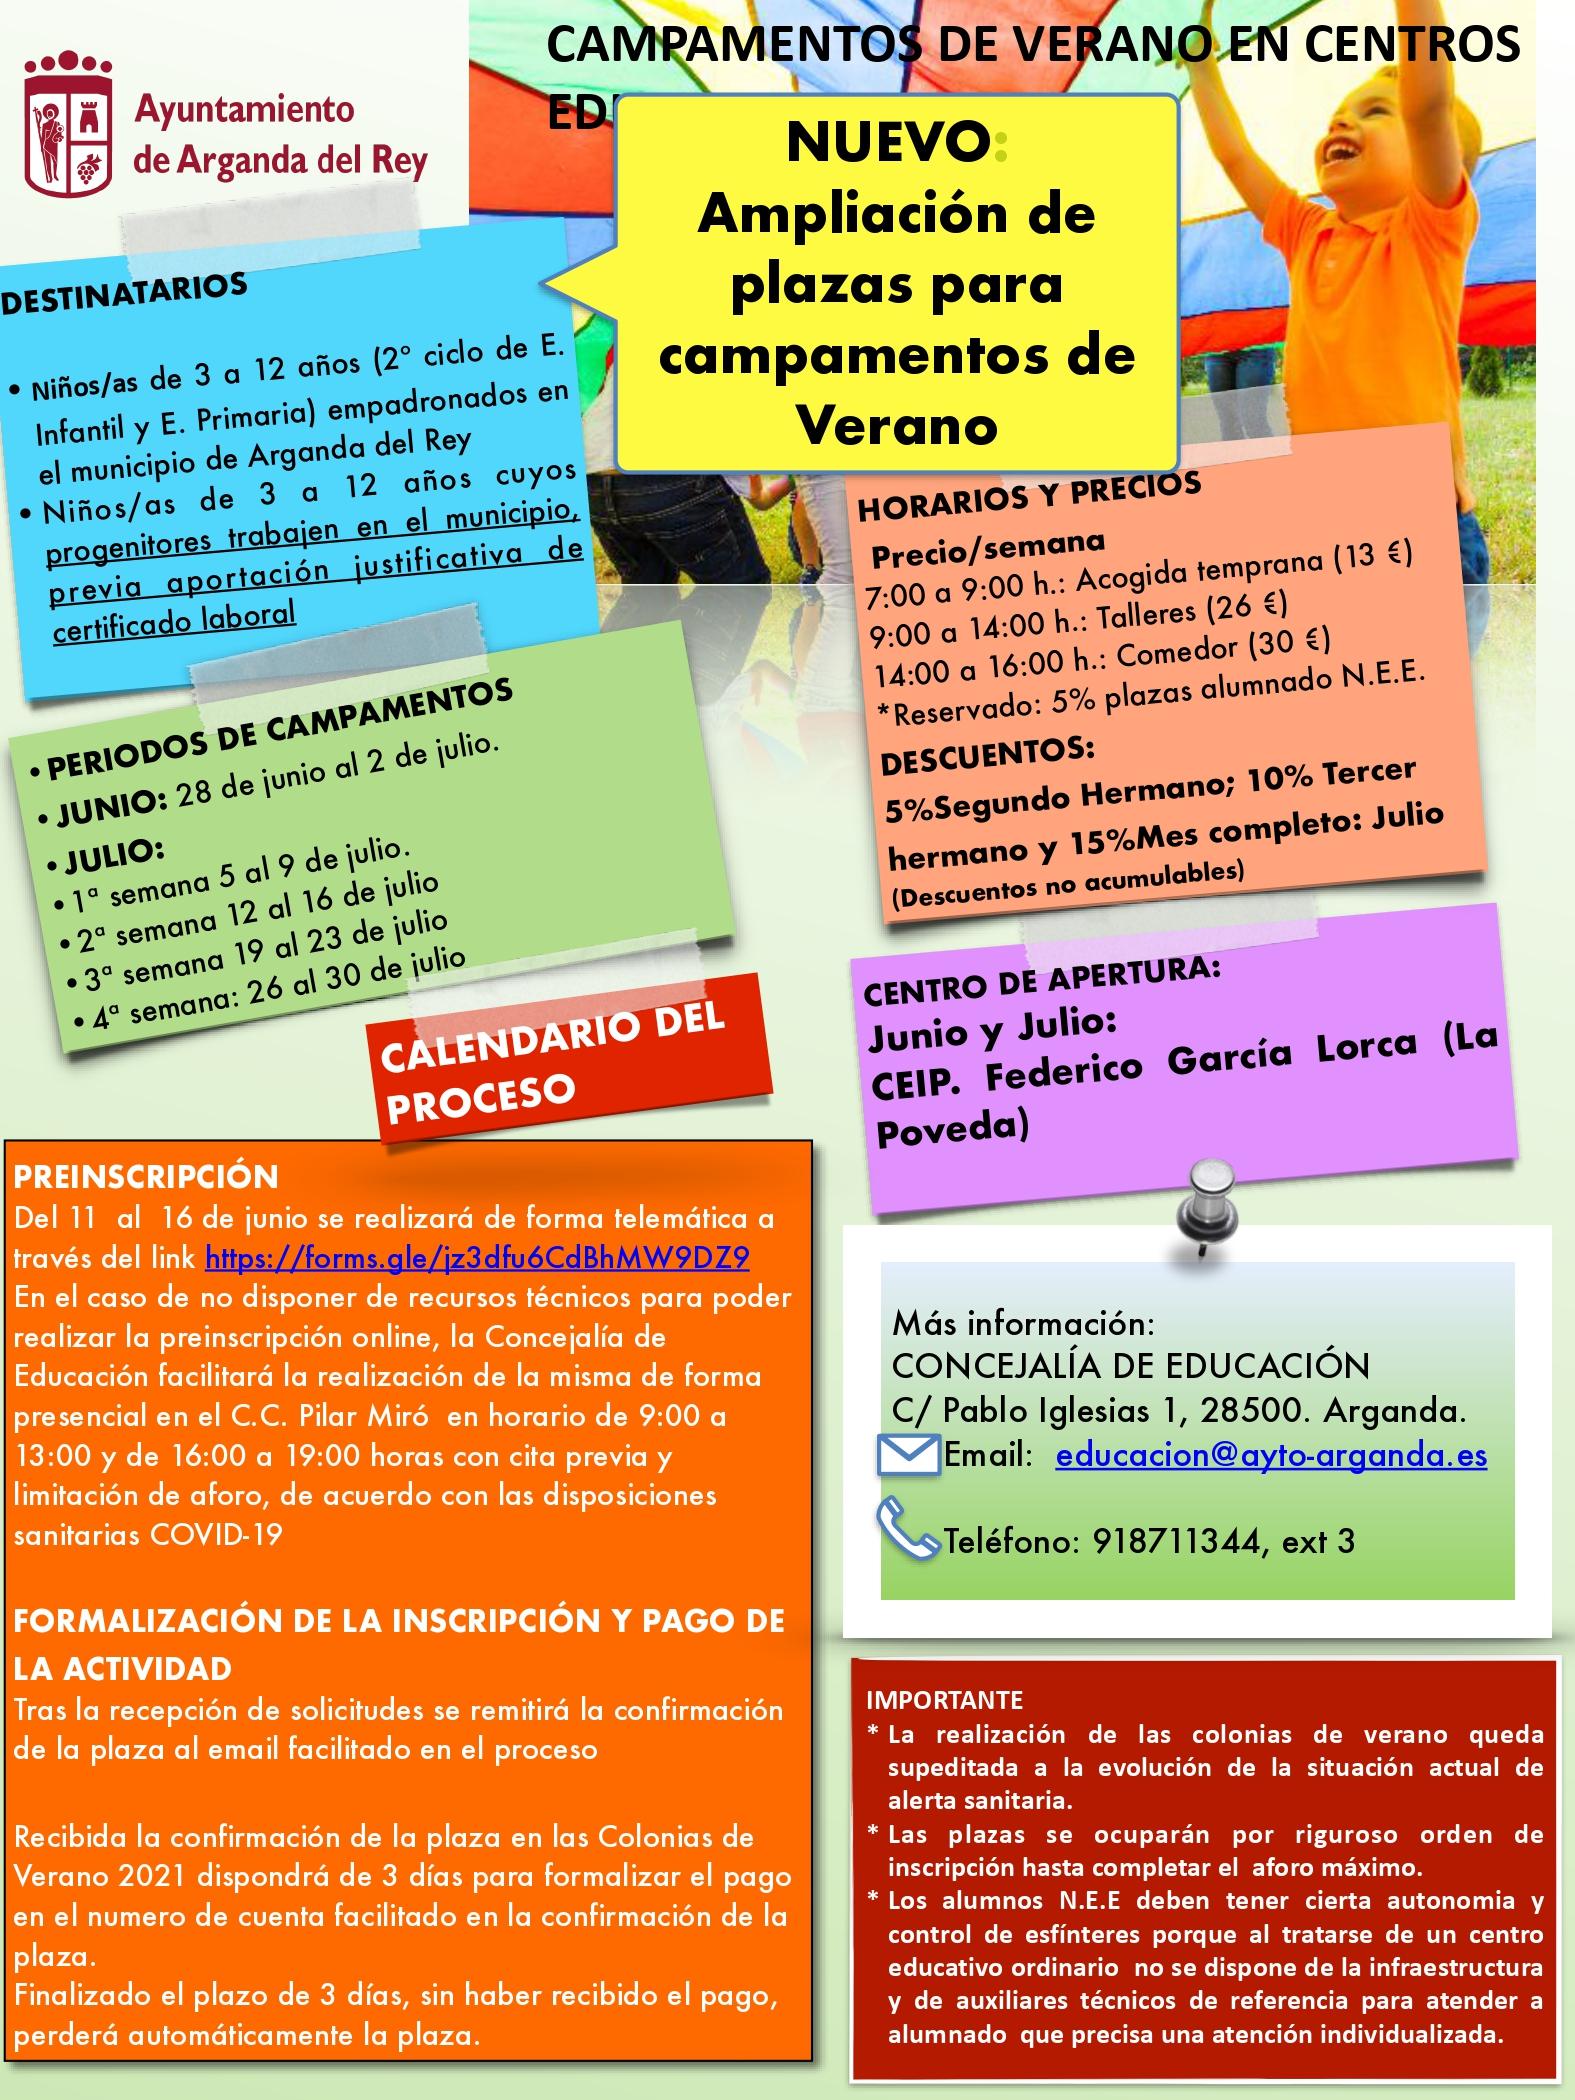 Ampliado el plazo de inscripción para los Campamentos de Verano en el CEIP Federico García Lorca